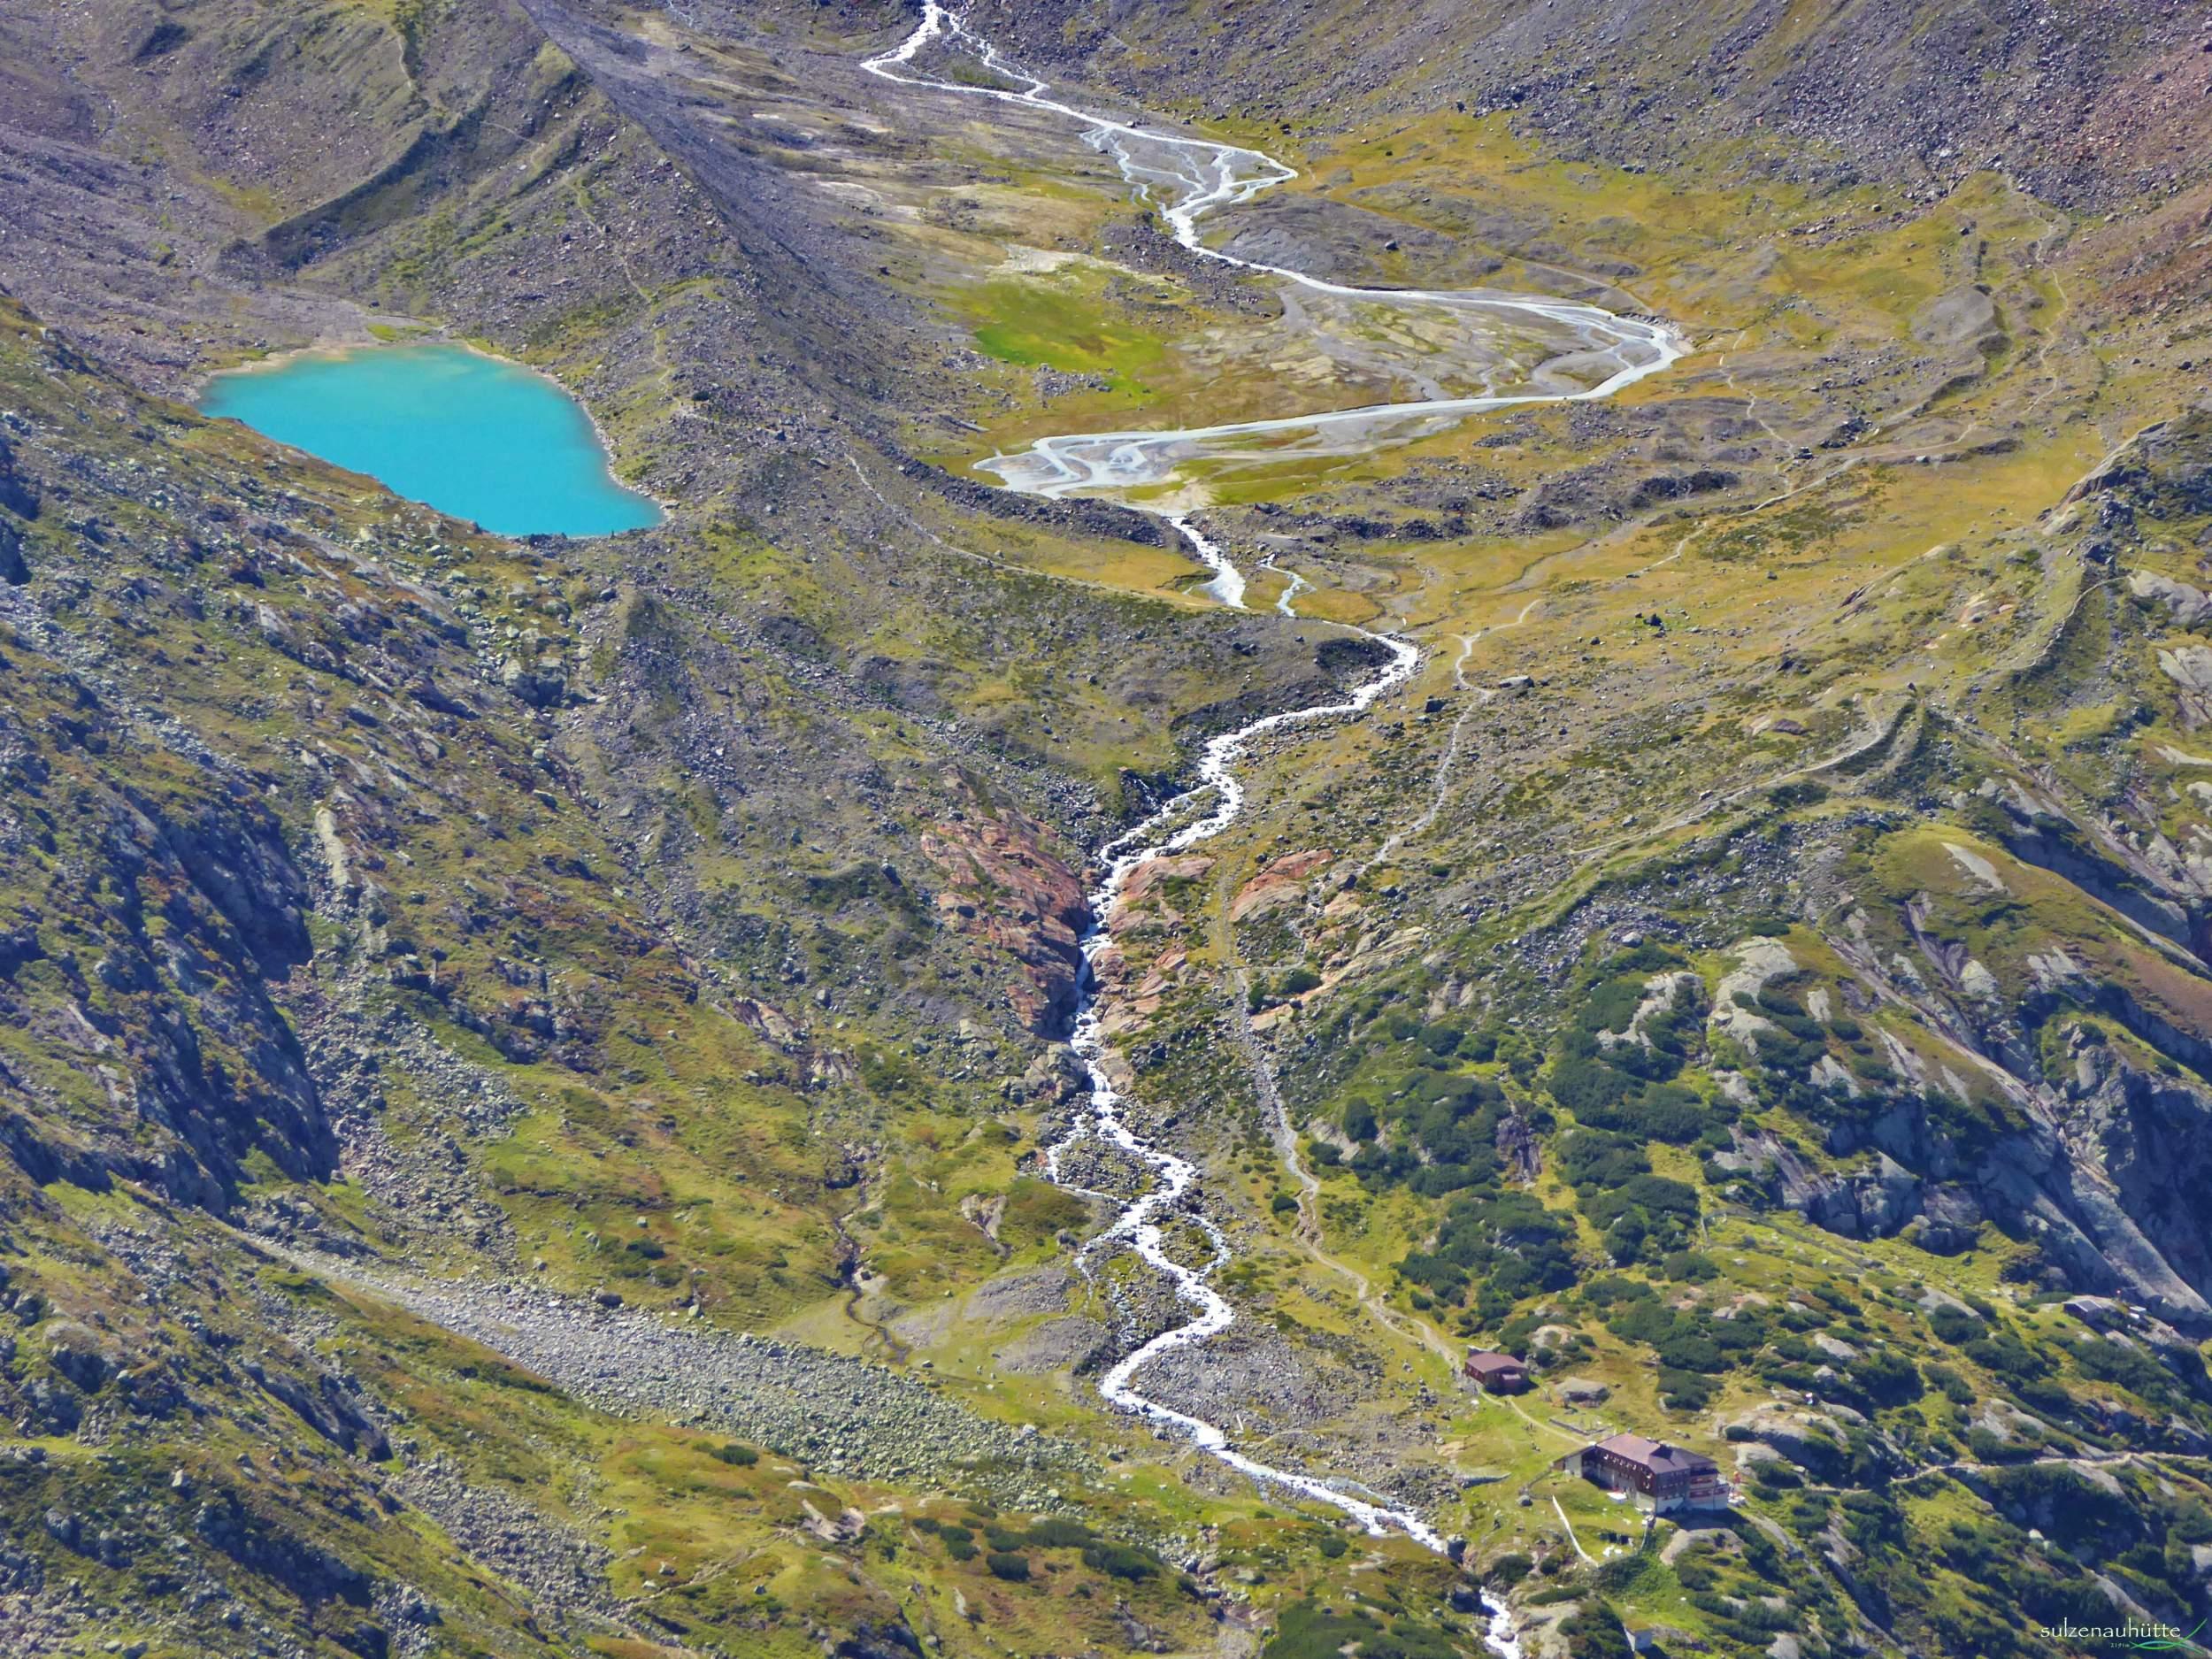 Blaue Lacke - Sulzenauhütte - Stubaier Höhenweg